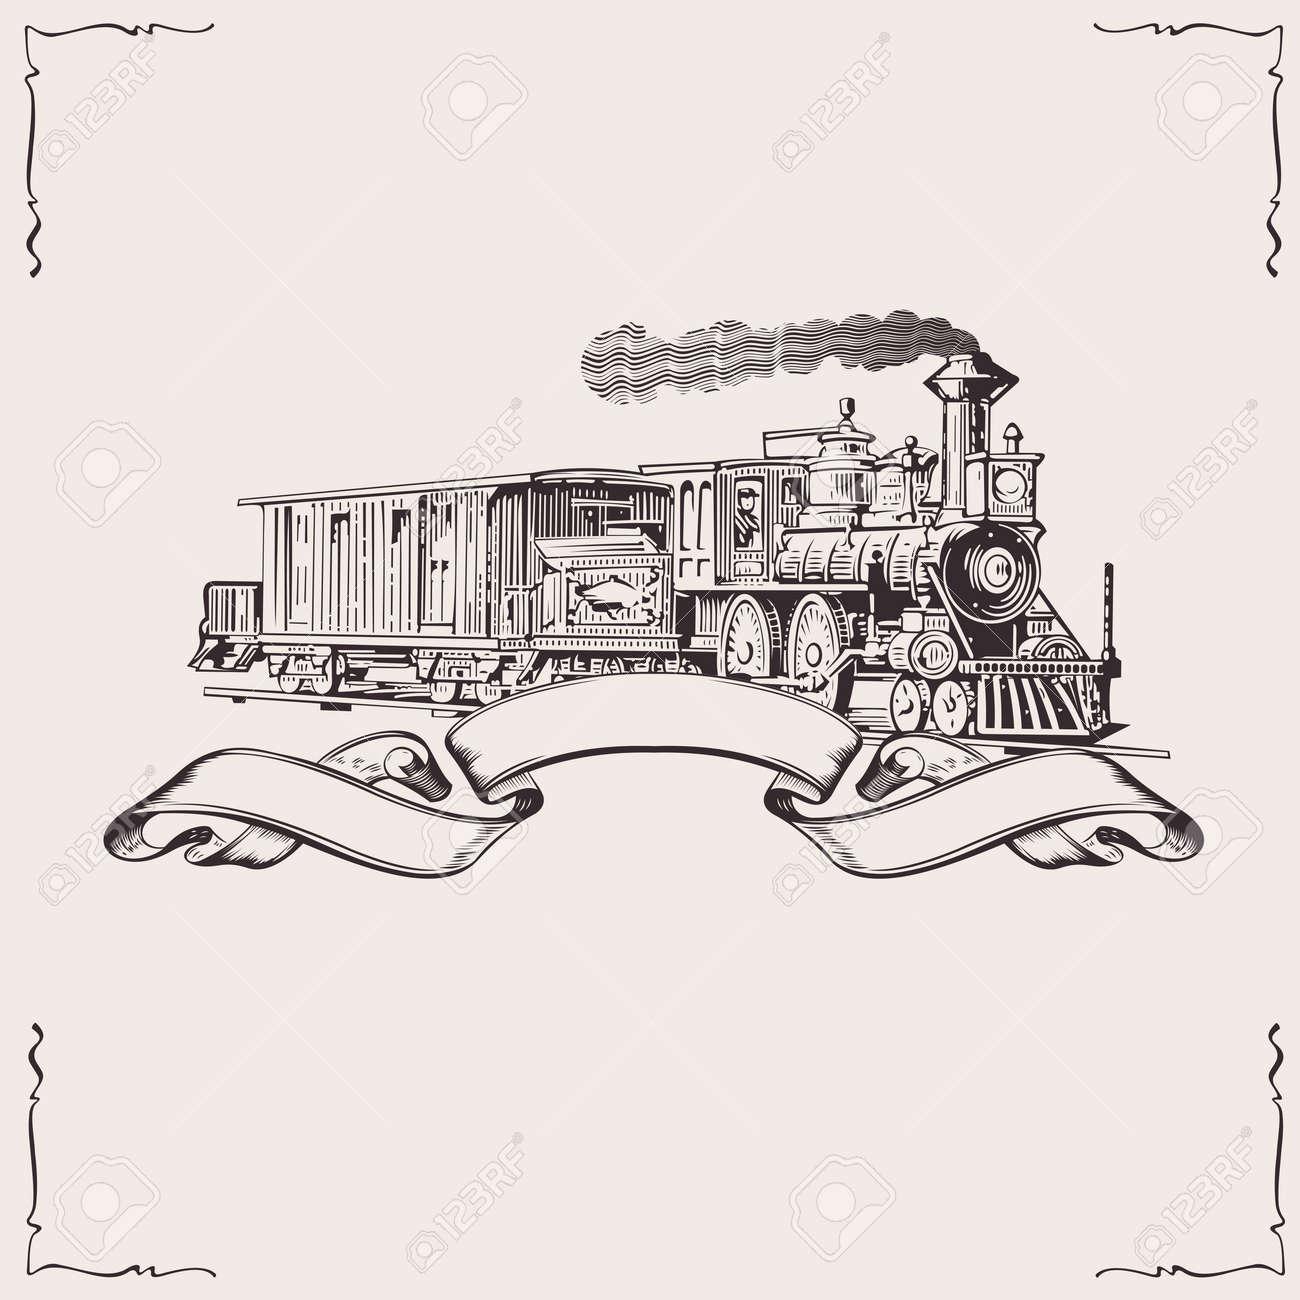 Vintage Locomotive Banner. Vector illustration. - 10704188